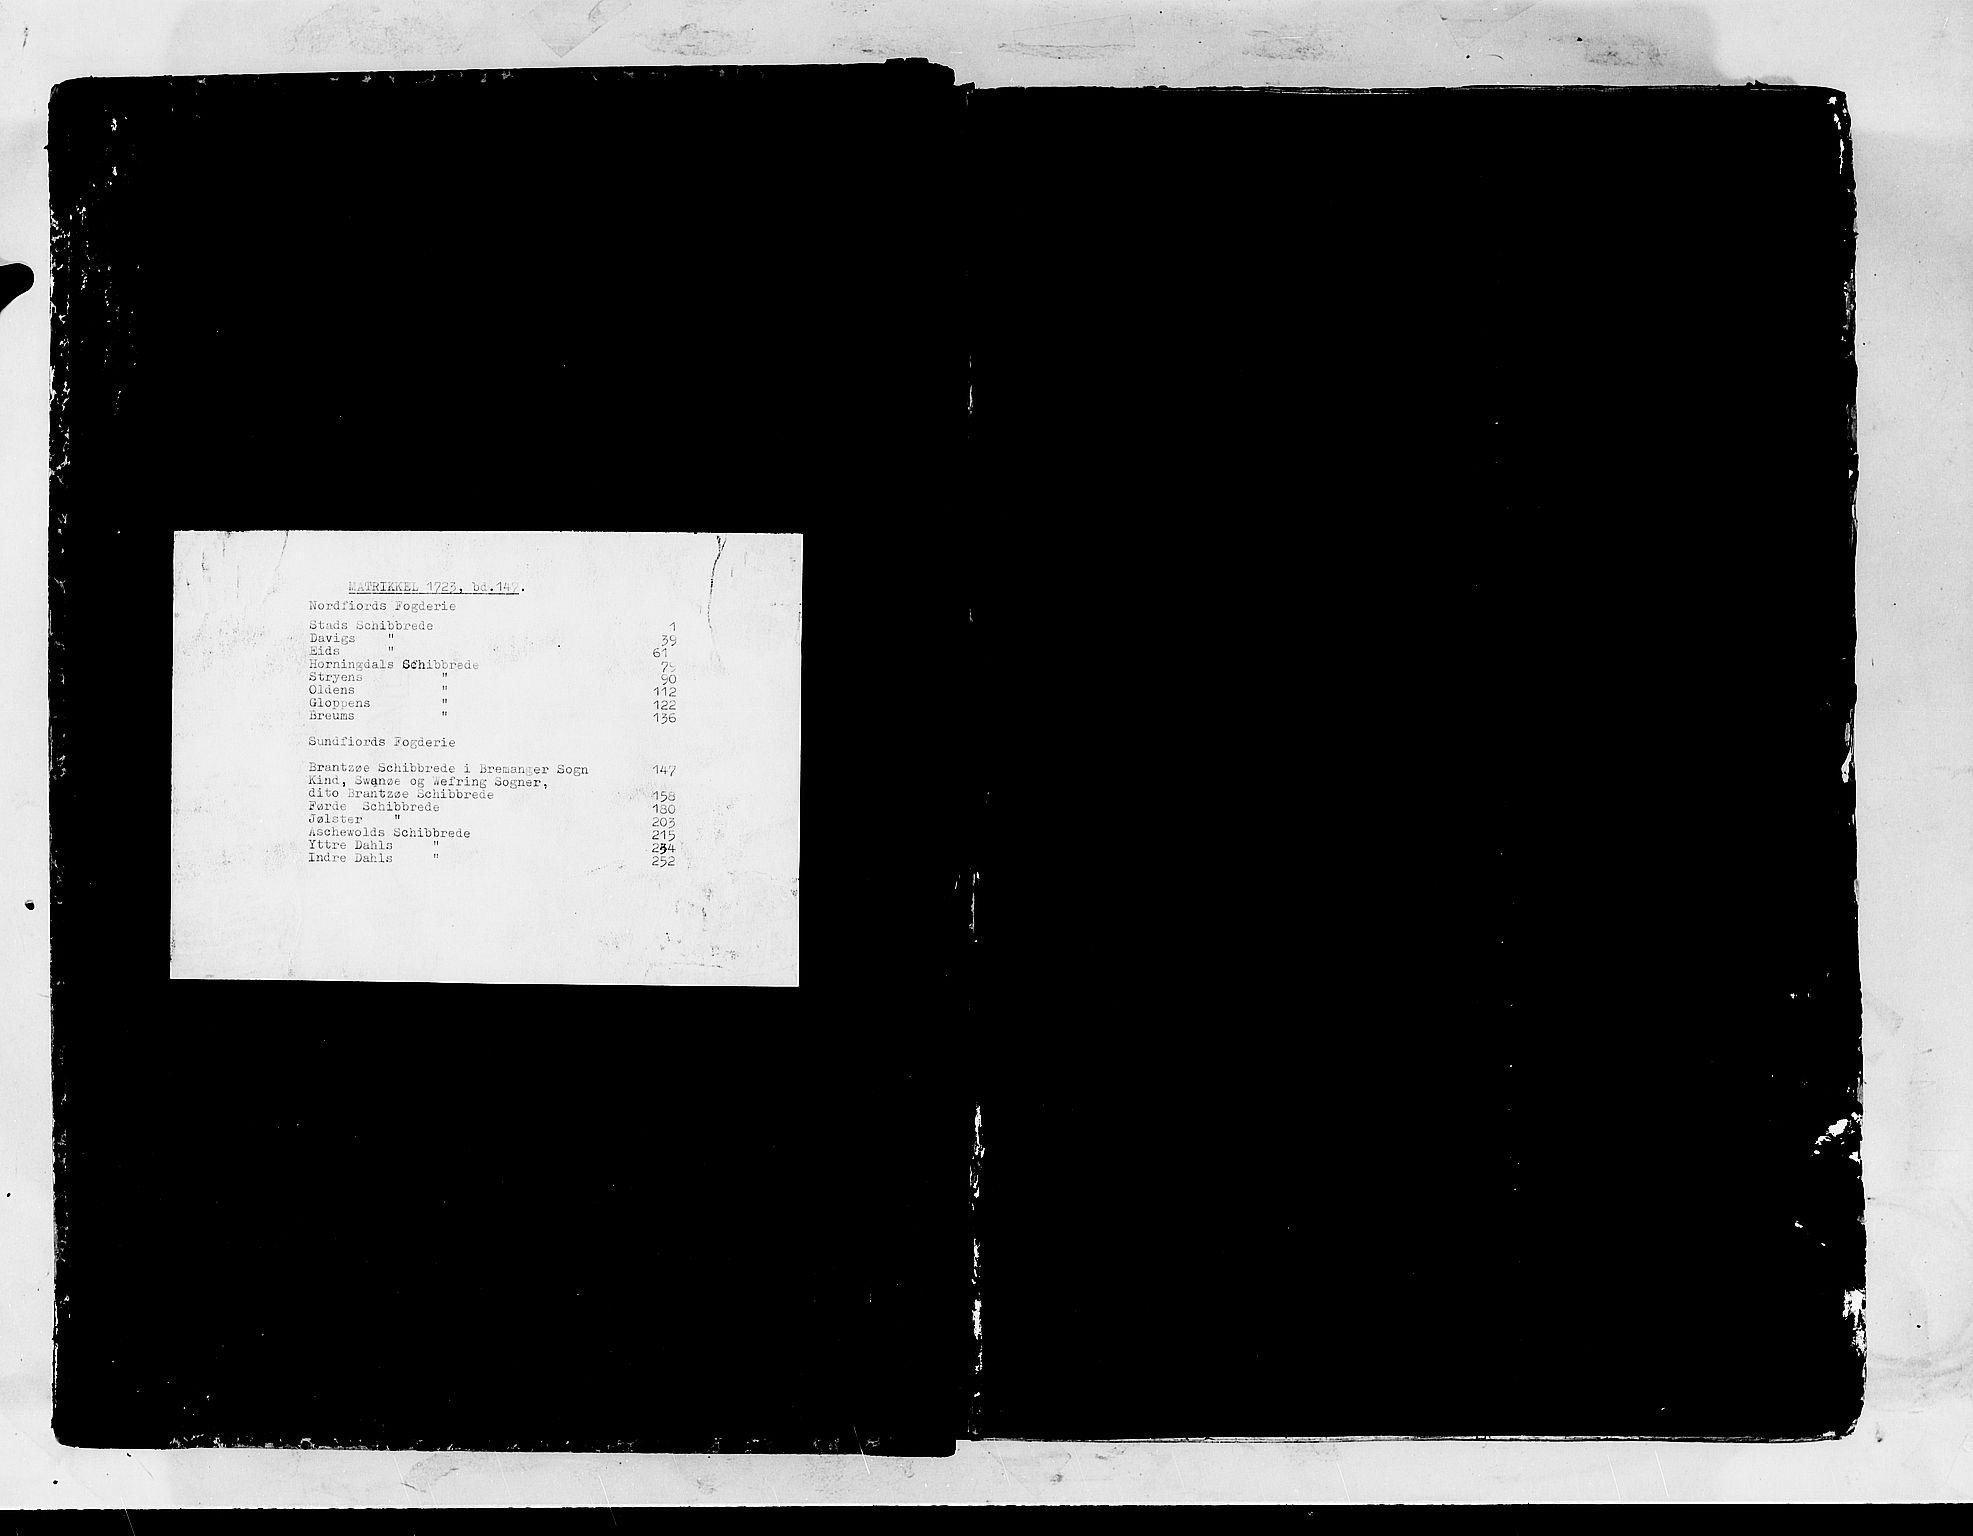 RA, Rentekammeret inntil 1814, Realistisk ordnet avdeling, N/Nb/Nbf/L0147: Sunnfjord og Nordfjord matrikkelprotokoll, 1723, s. upaginert